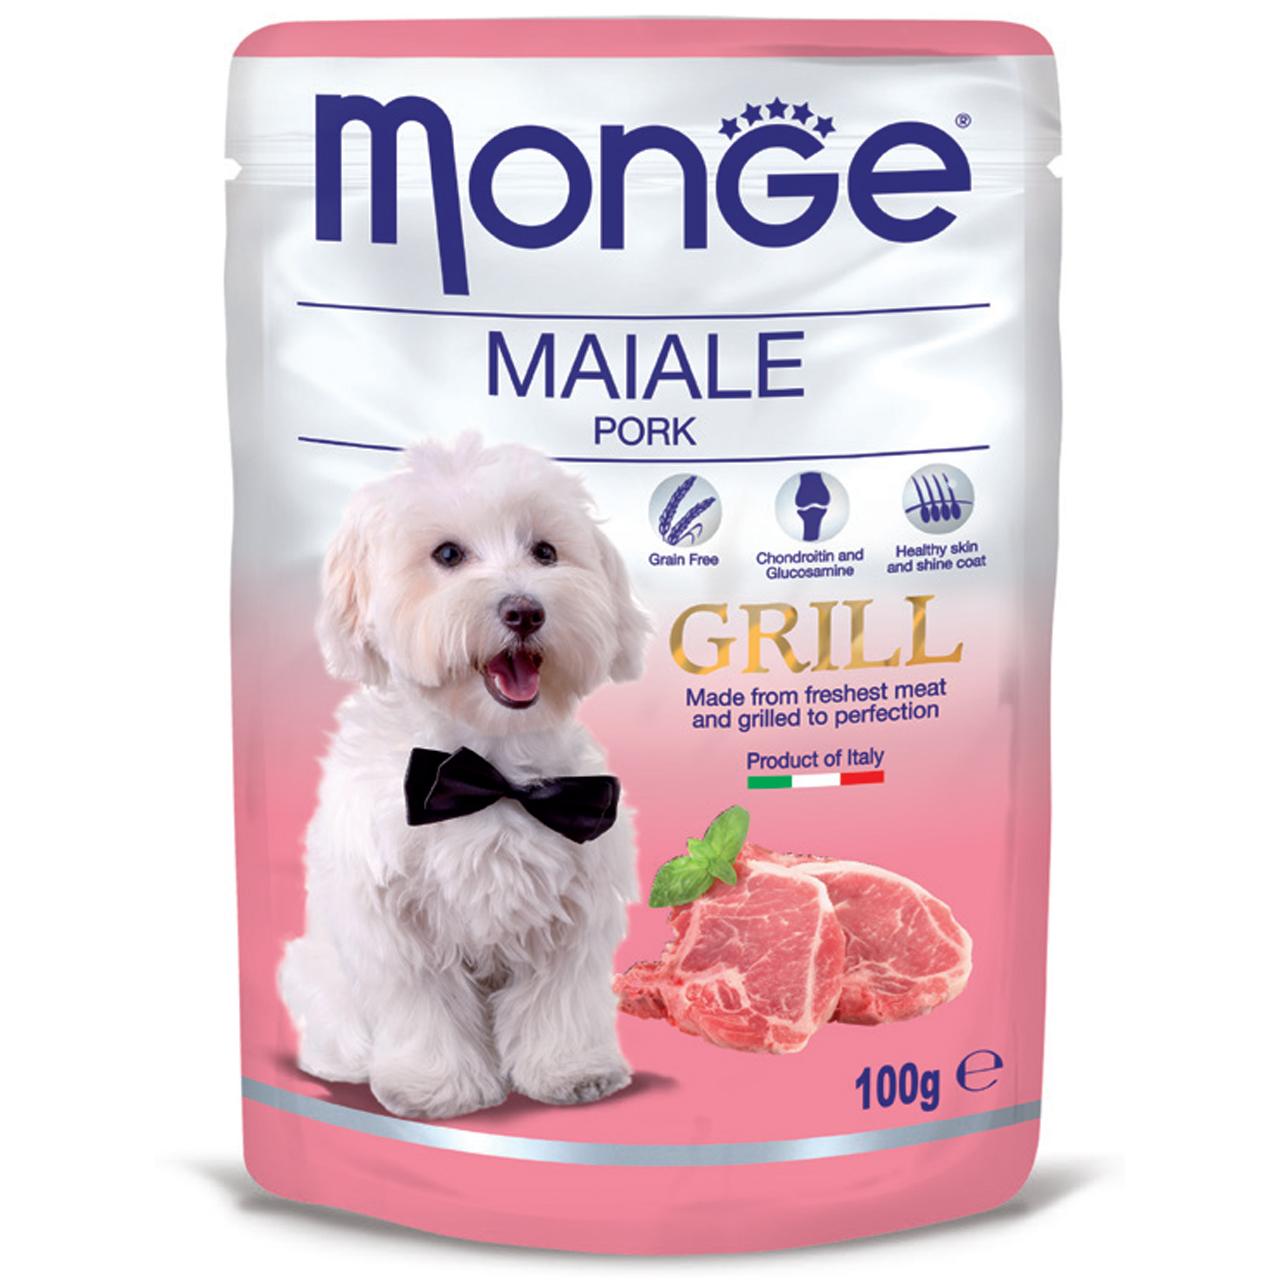 پوچ سگ مونگه مدل Pouch Pork-13147 با طعم گراز وزن 100 گرم